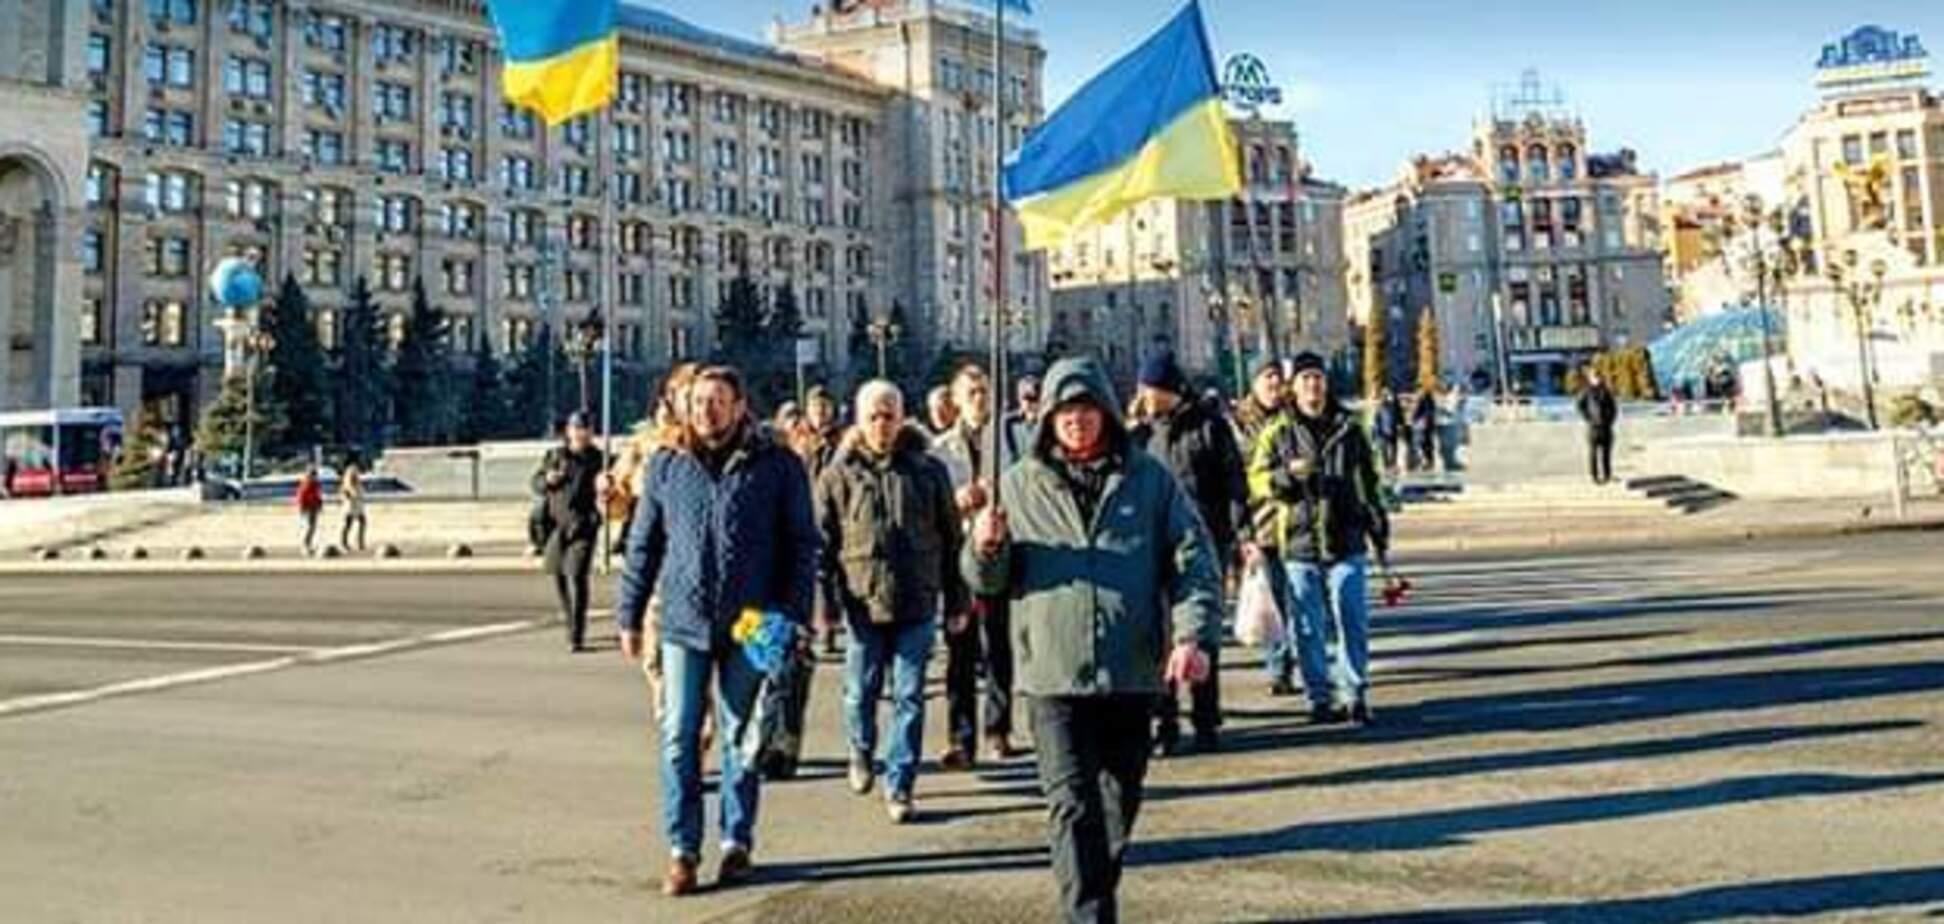 В честь Героев Небесной Сотни: в Киеве прошел Марш памяти. Фото и видео